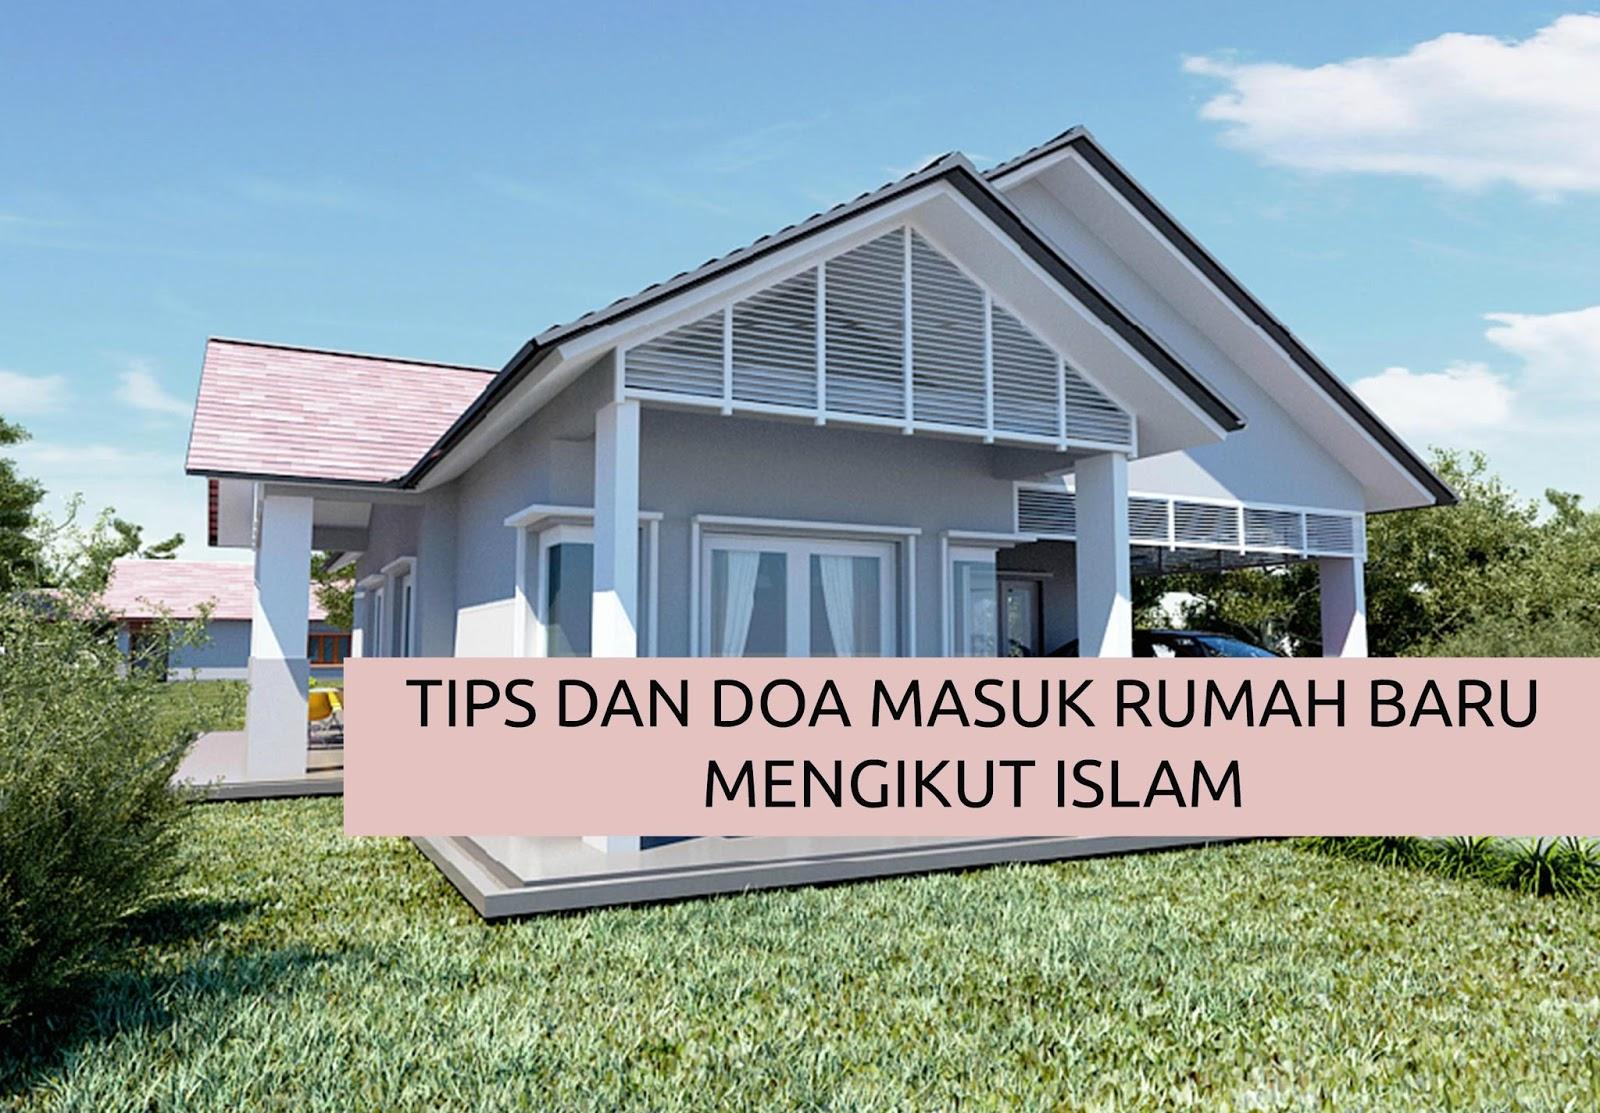 5 Panduan Dan Doa Memasuki Rumah Baru Menurut Islam Siakap